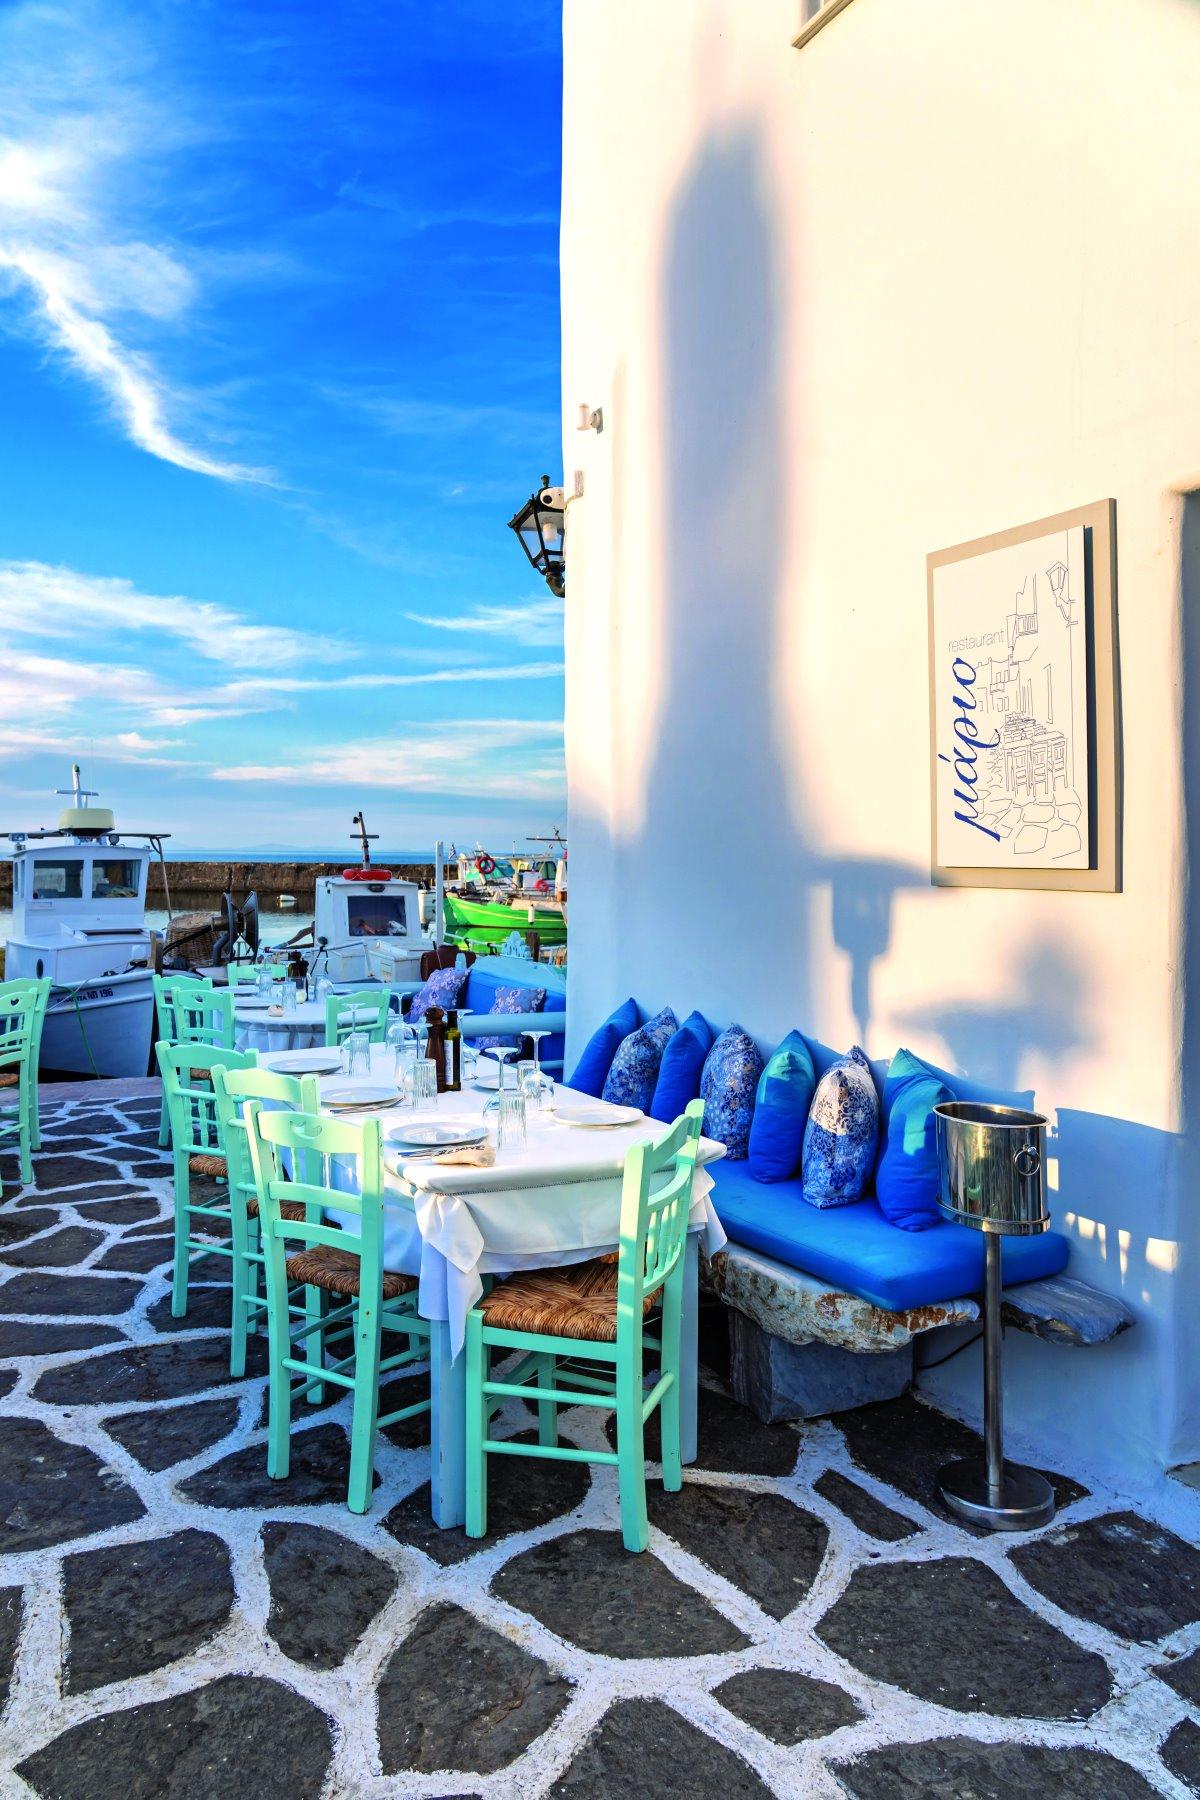 Το εστιατόριο θαλασσινών Mario, Λιμανάκι Νάουσα Πάρου